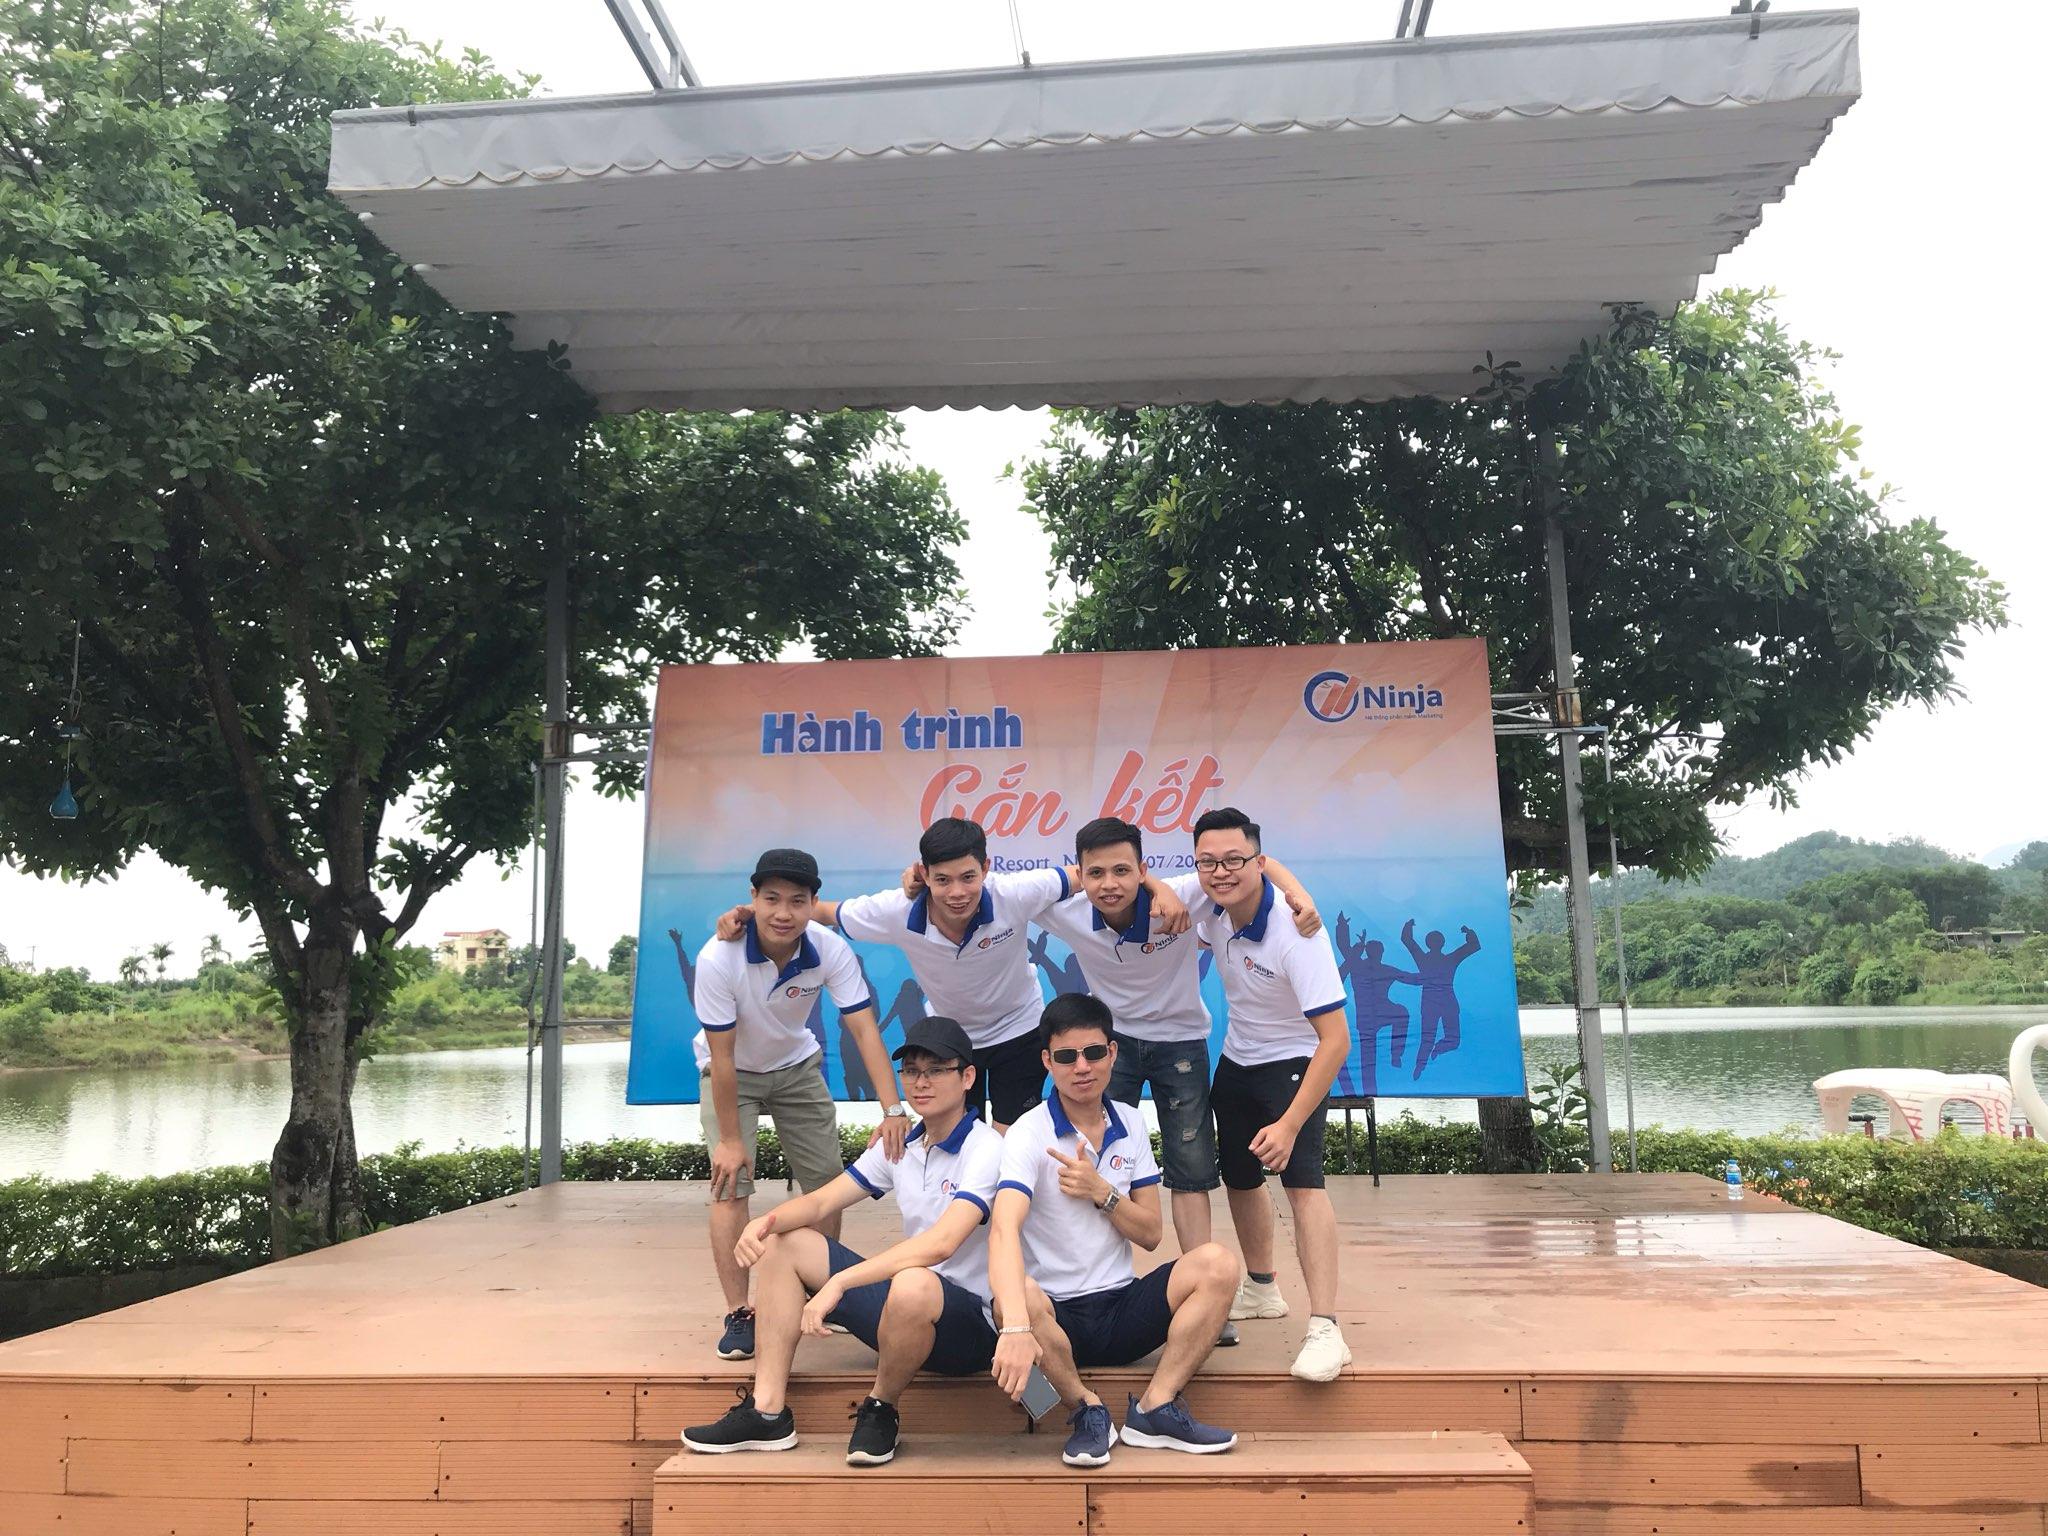 teambuilding4 Teambuilding Hành Trình Gắn Kết Anh Em Ninja 2019